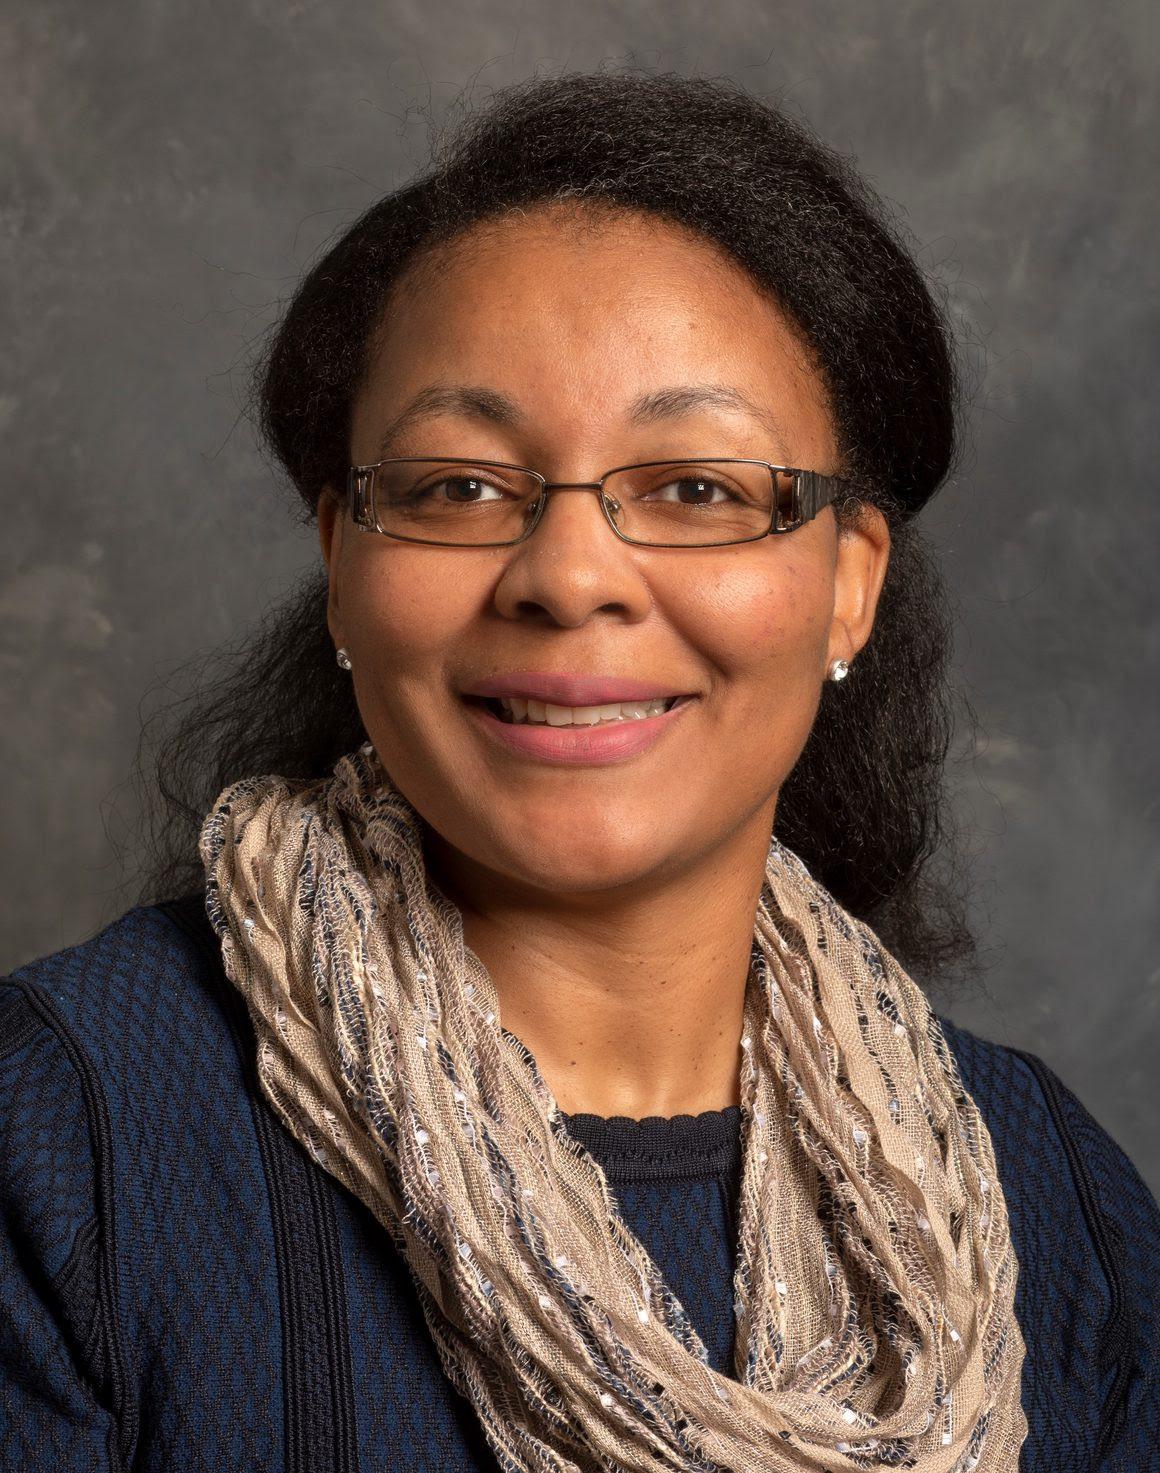 Coretta Jenerette, <br /> Ph.D., RN, AOCN, CNE, <br /> ANEF, FAAN